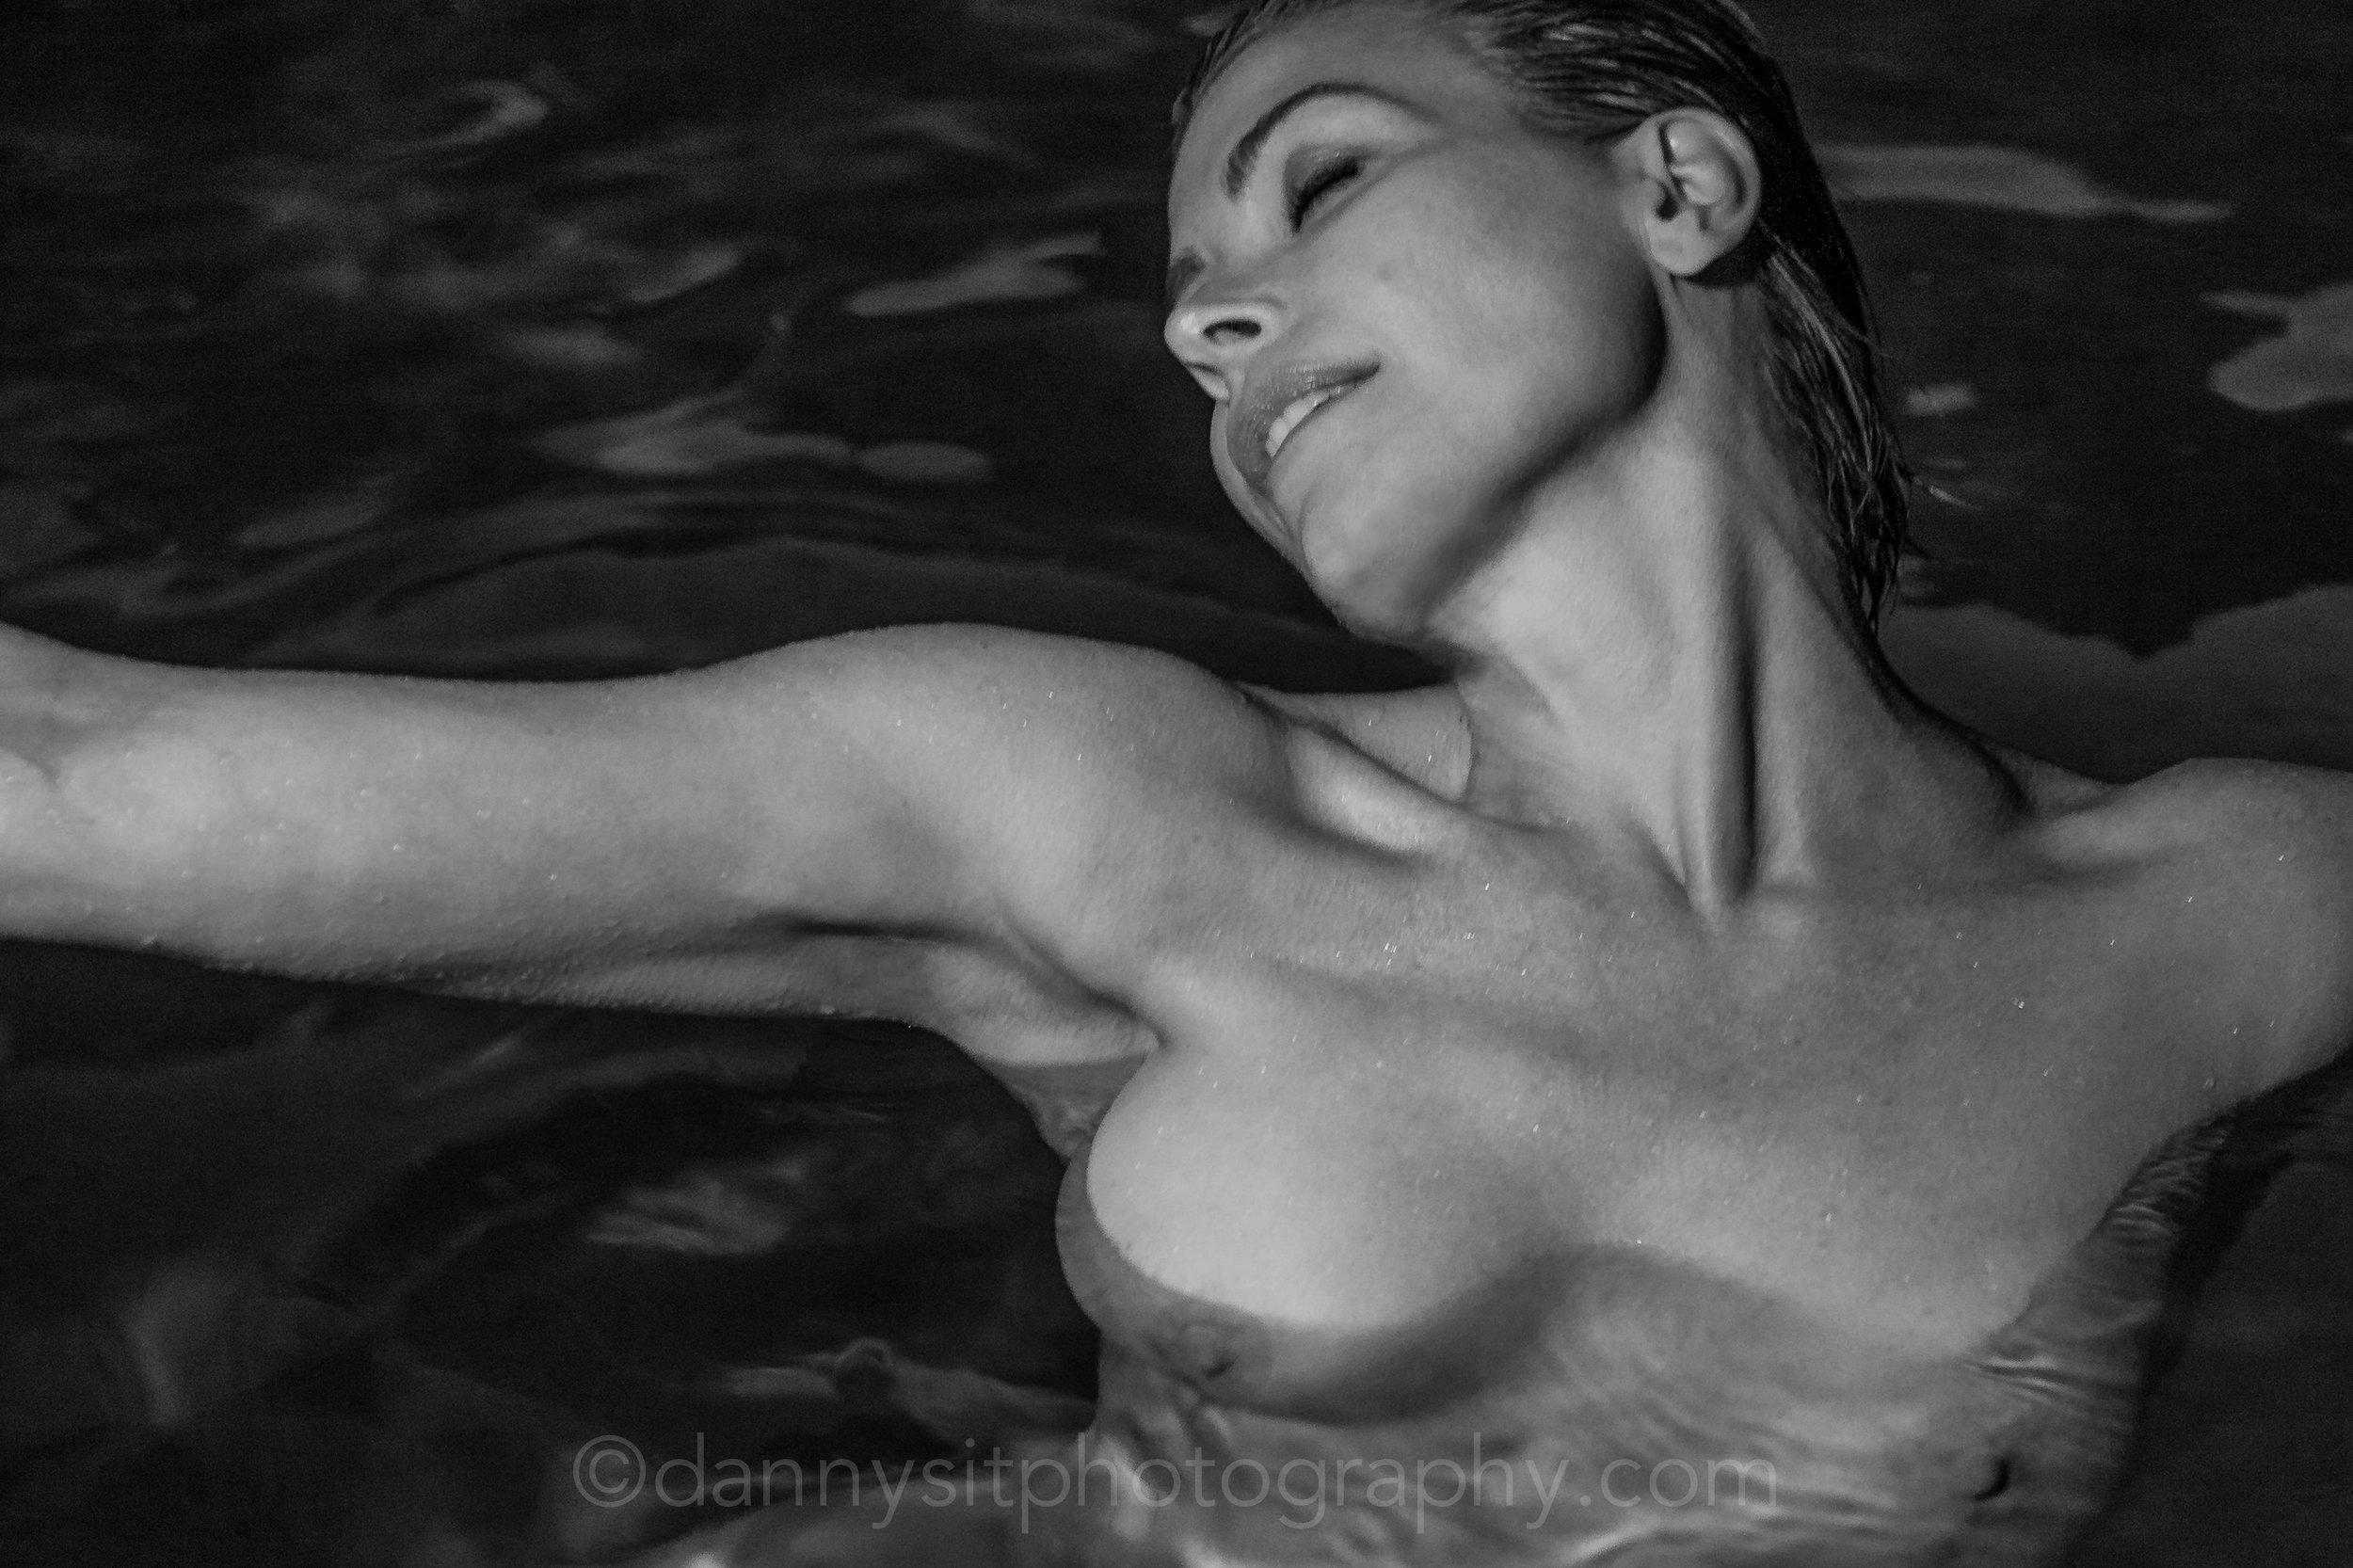 rachel_pool--3.jpg